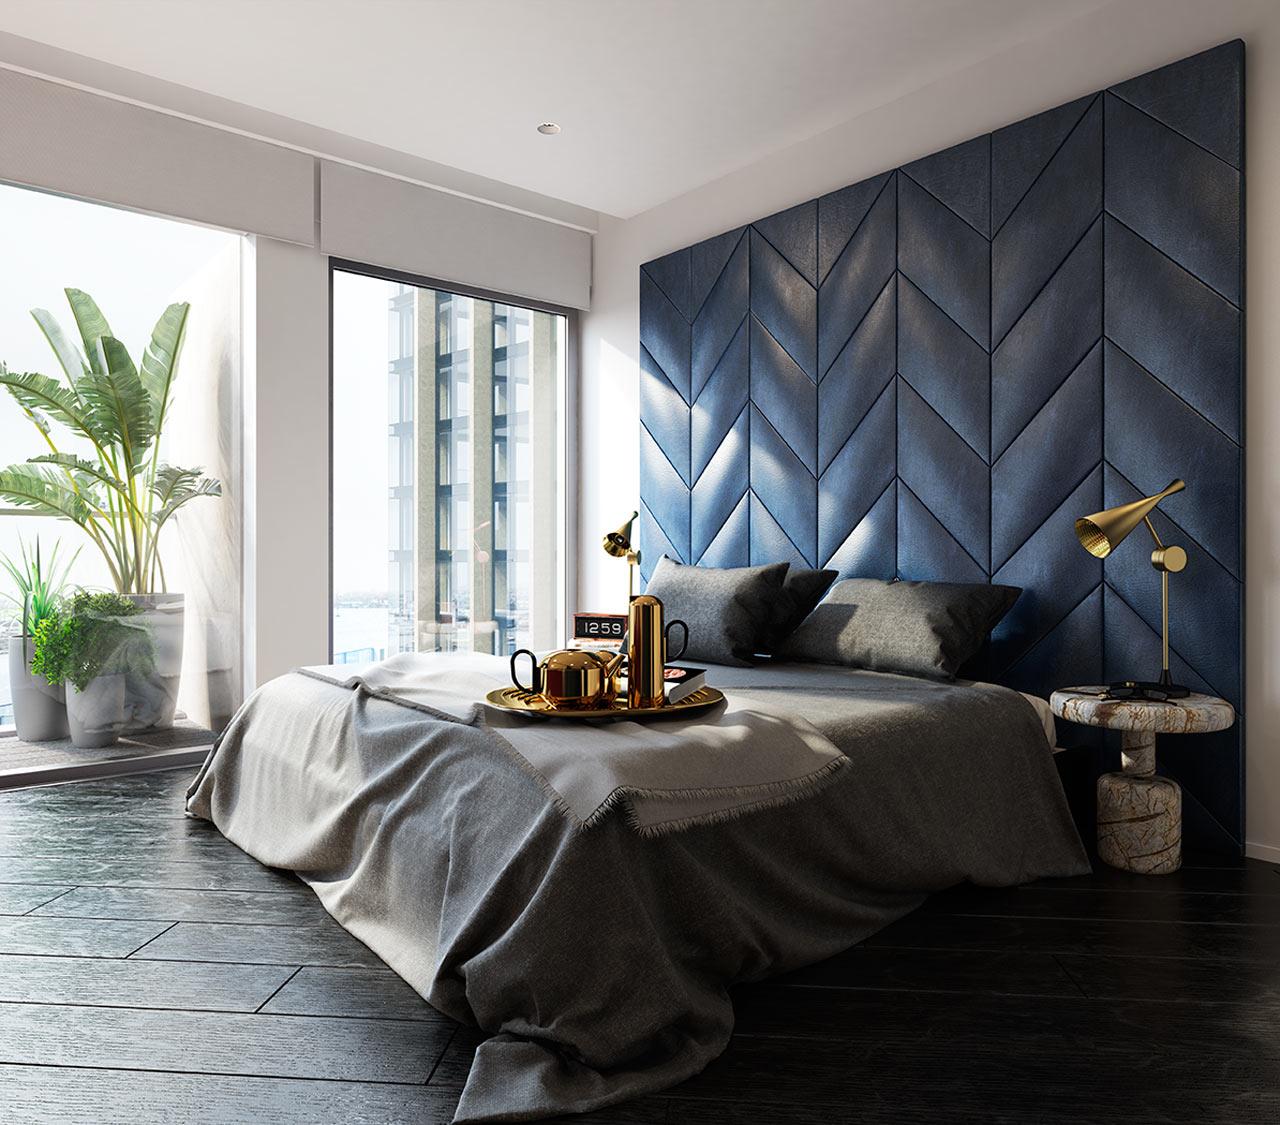 غرفة نوم مودرن 21 جرأة وروعة الألوان في تصميم وحدات سكنية عصرية